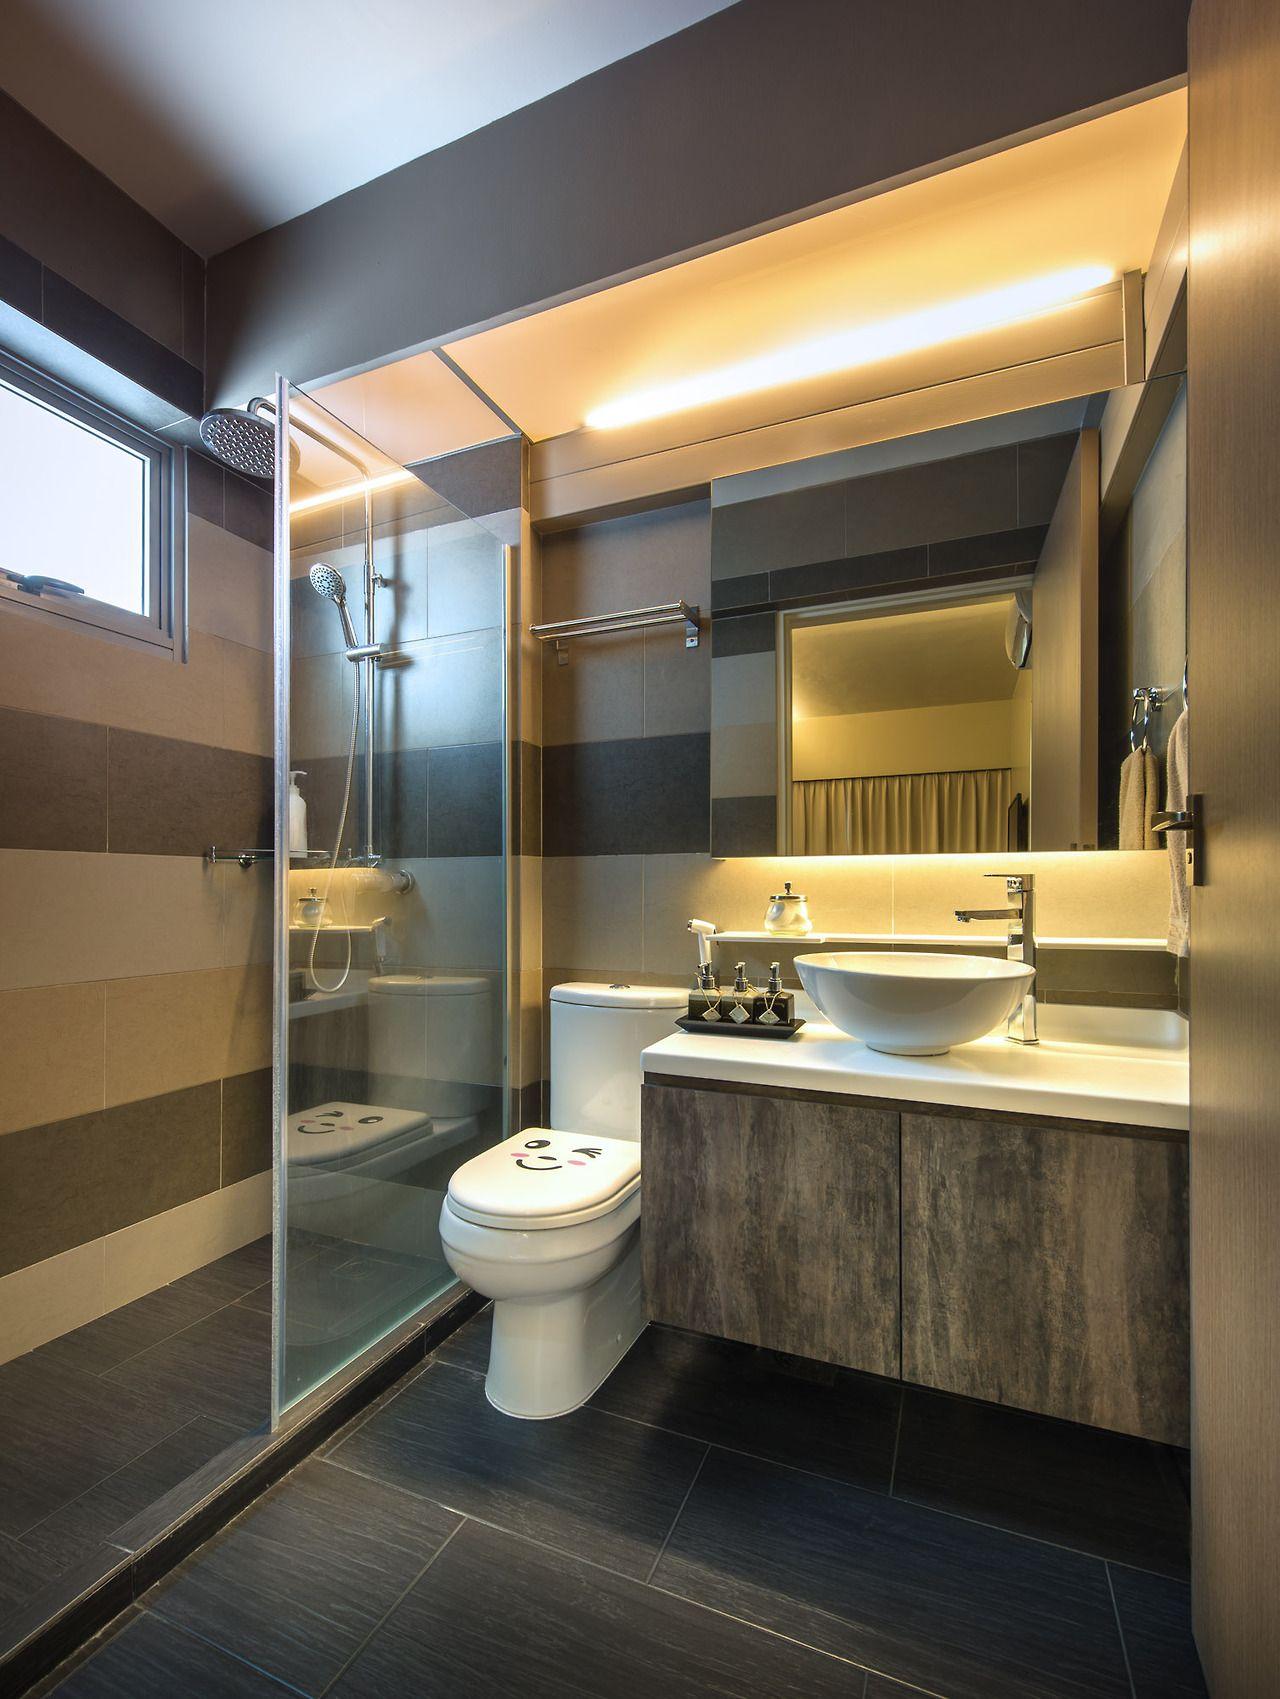 Modern Hdb Decor: Http://reztnrelax.com/hdb-4-rooms-at-punggol-walk